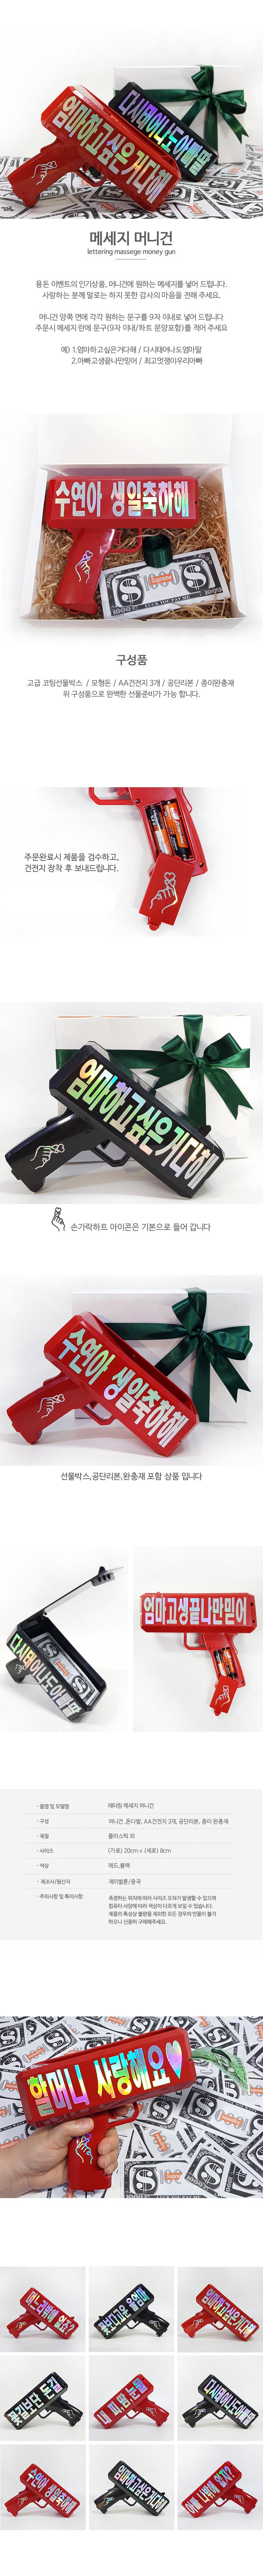 메세지 머니건 생일파티용품 - 제이벌룬, 22,000원, 아이디어 상품, 아이디어 상품